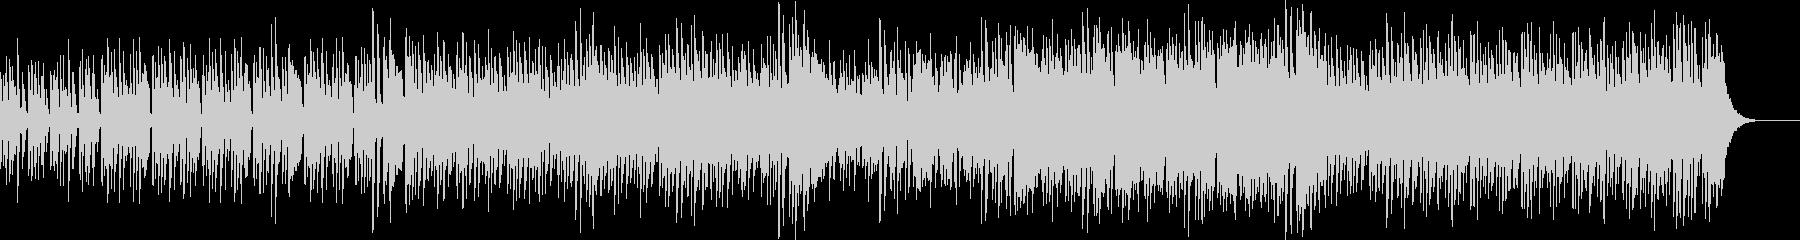 ピアノテクノミュージックの未再生の波形